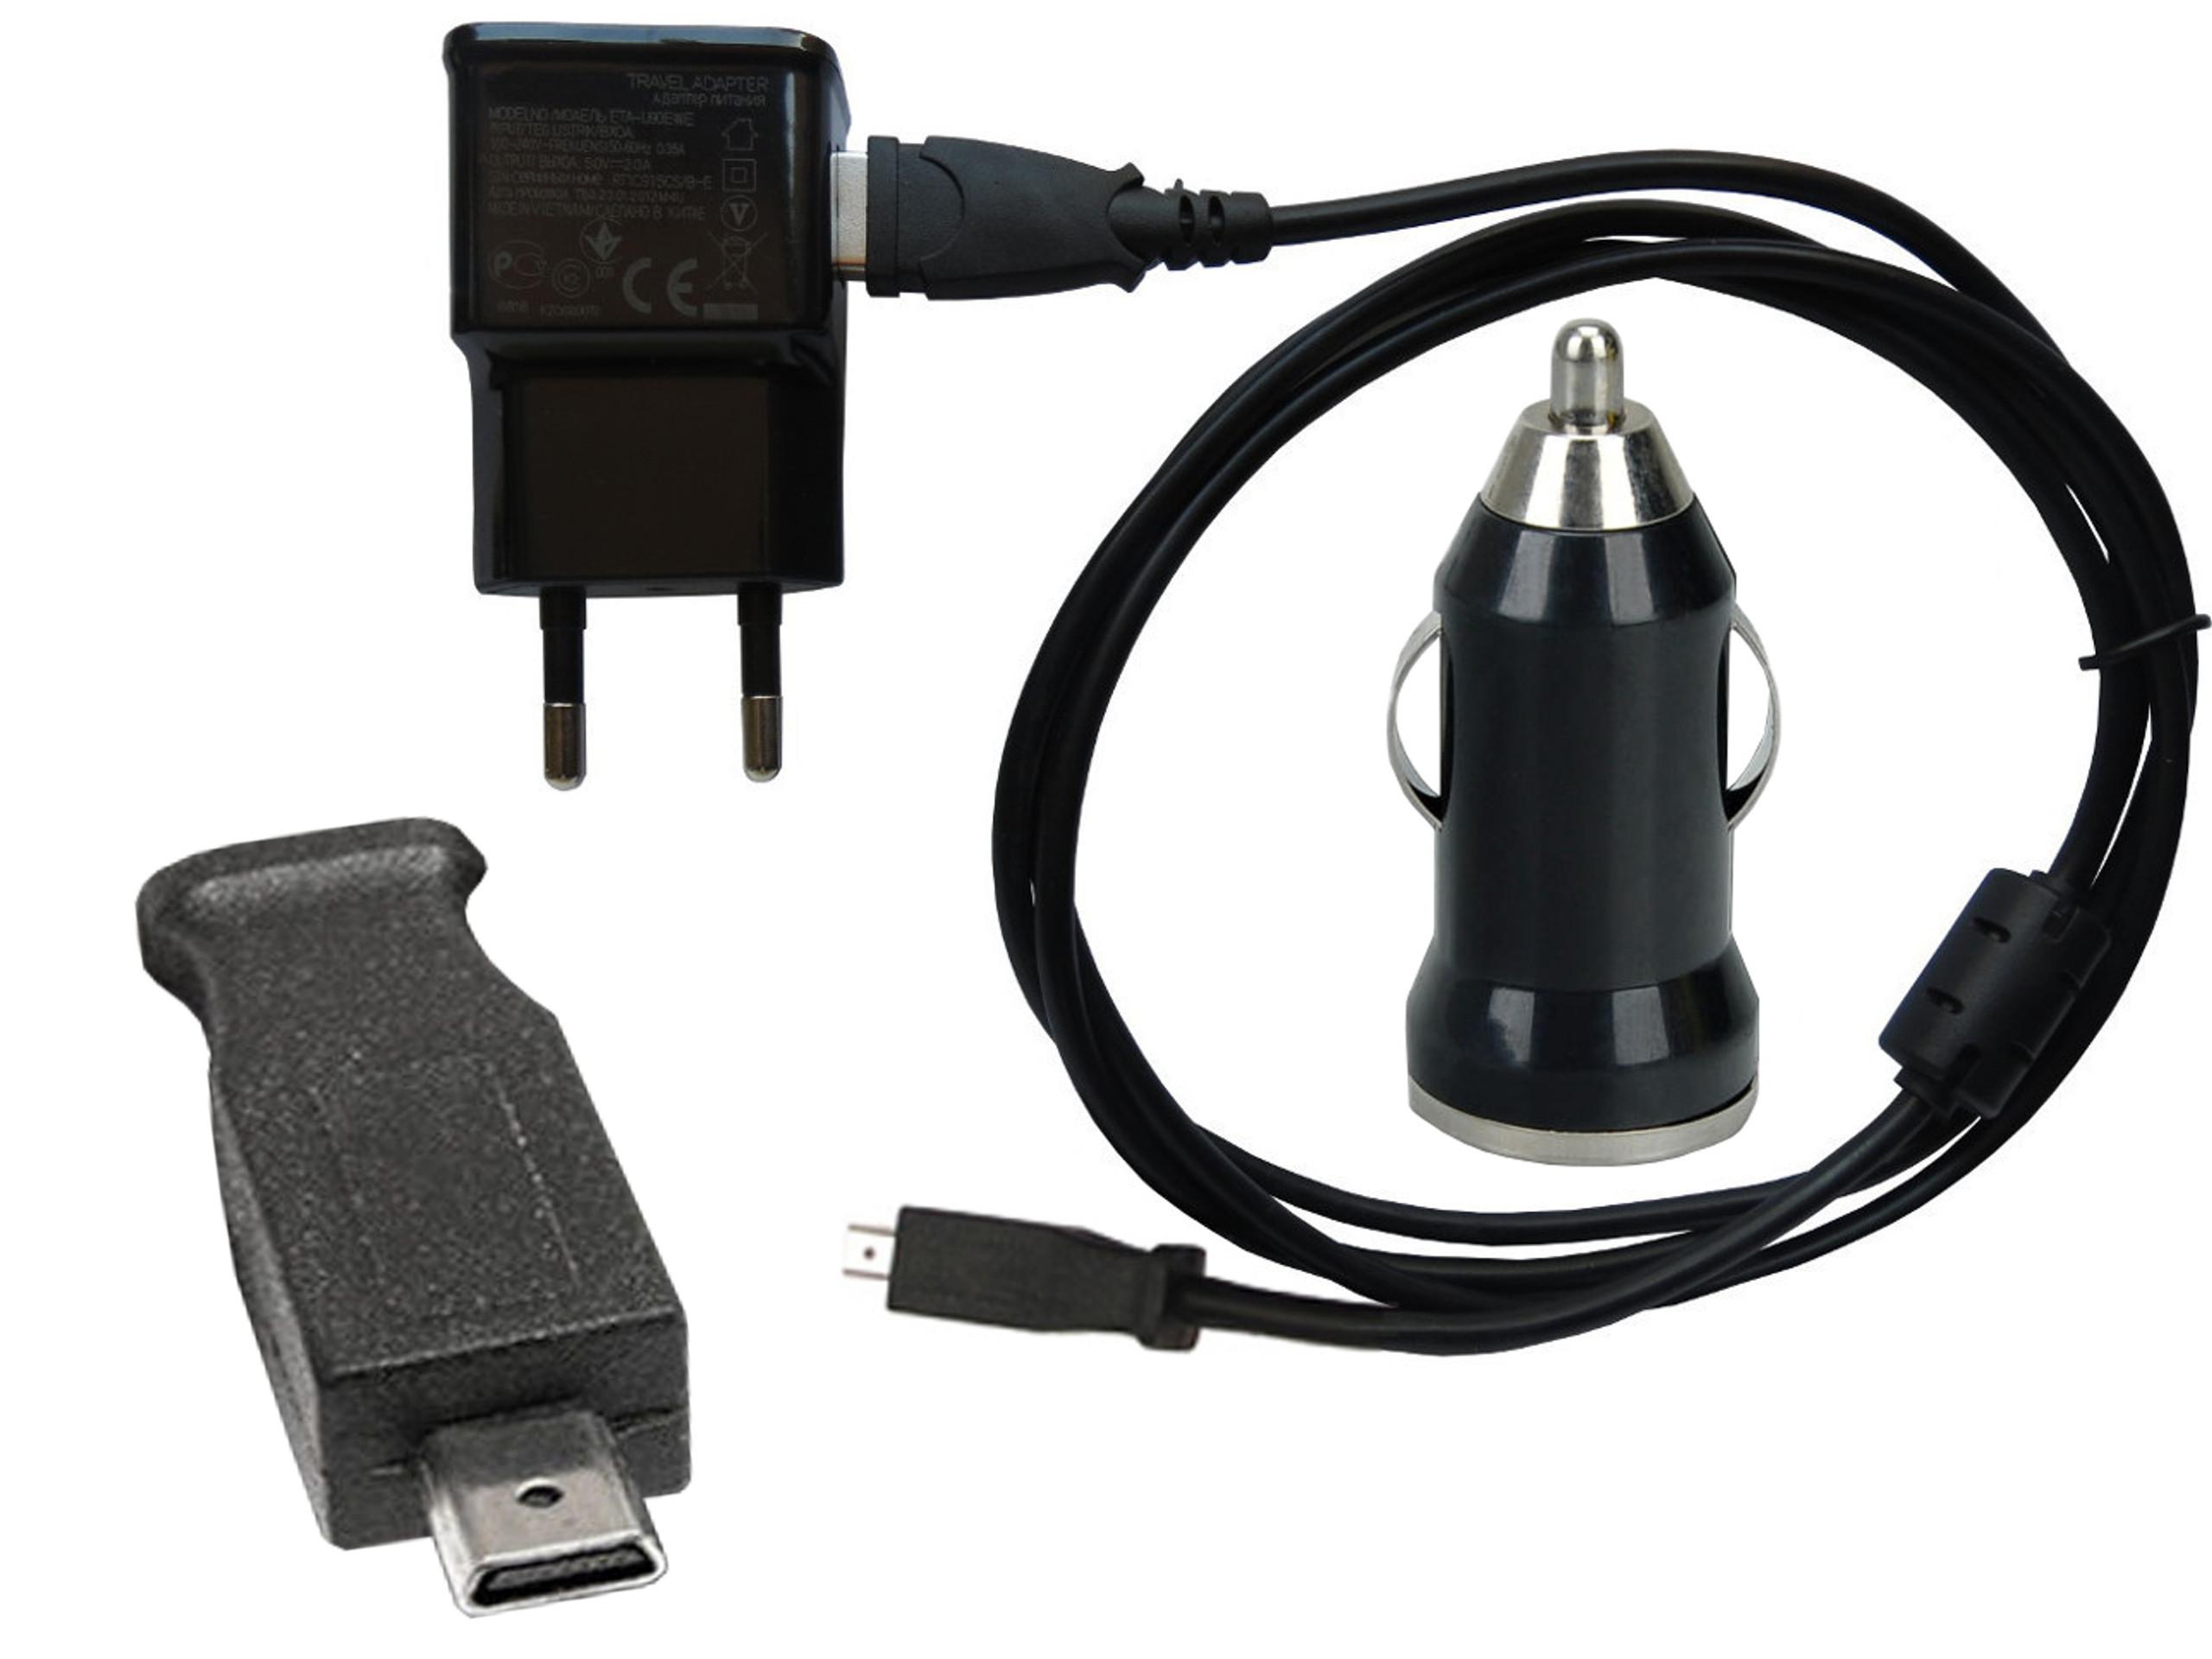 ŁADOWARKA USB KODAK M1093 M1063 M893 IS V803 M381